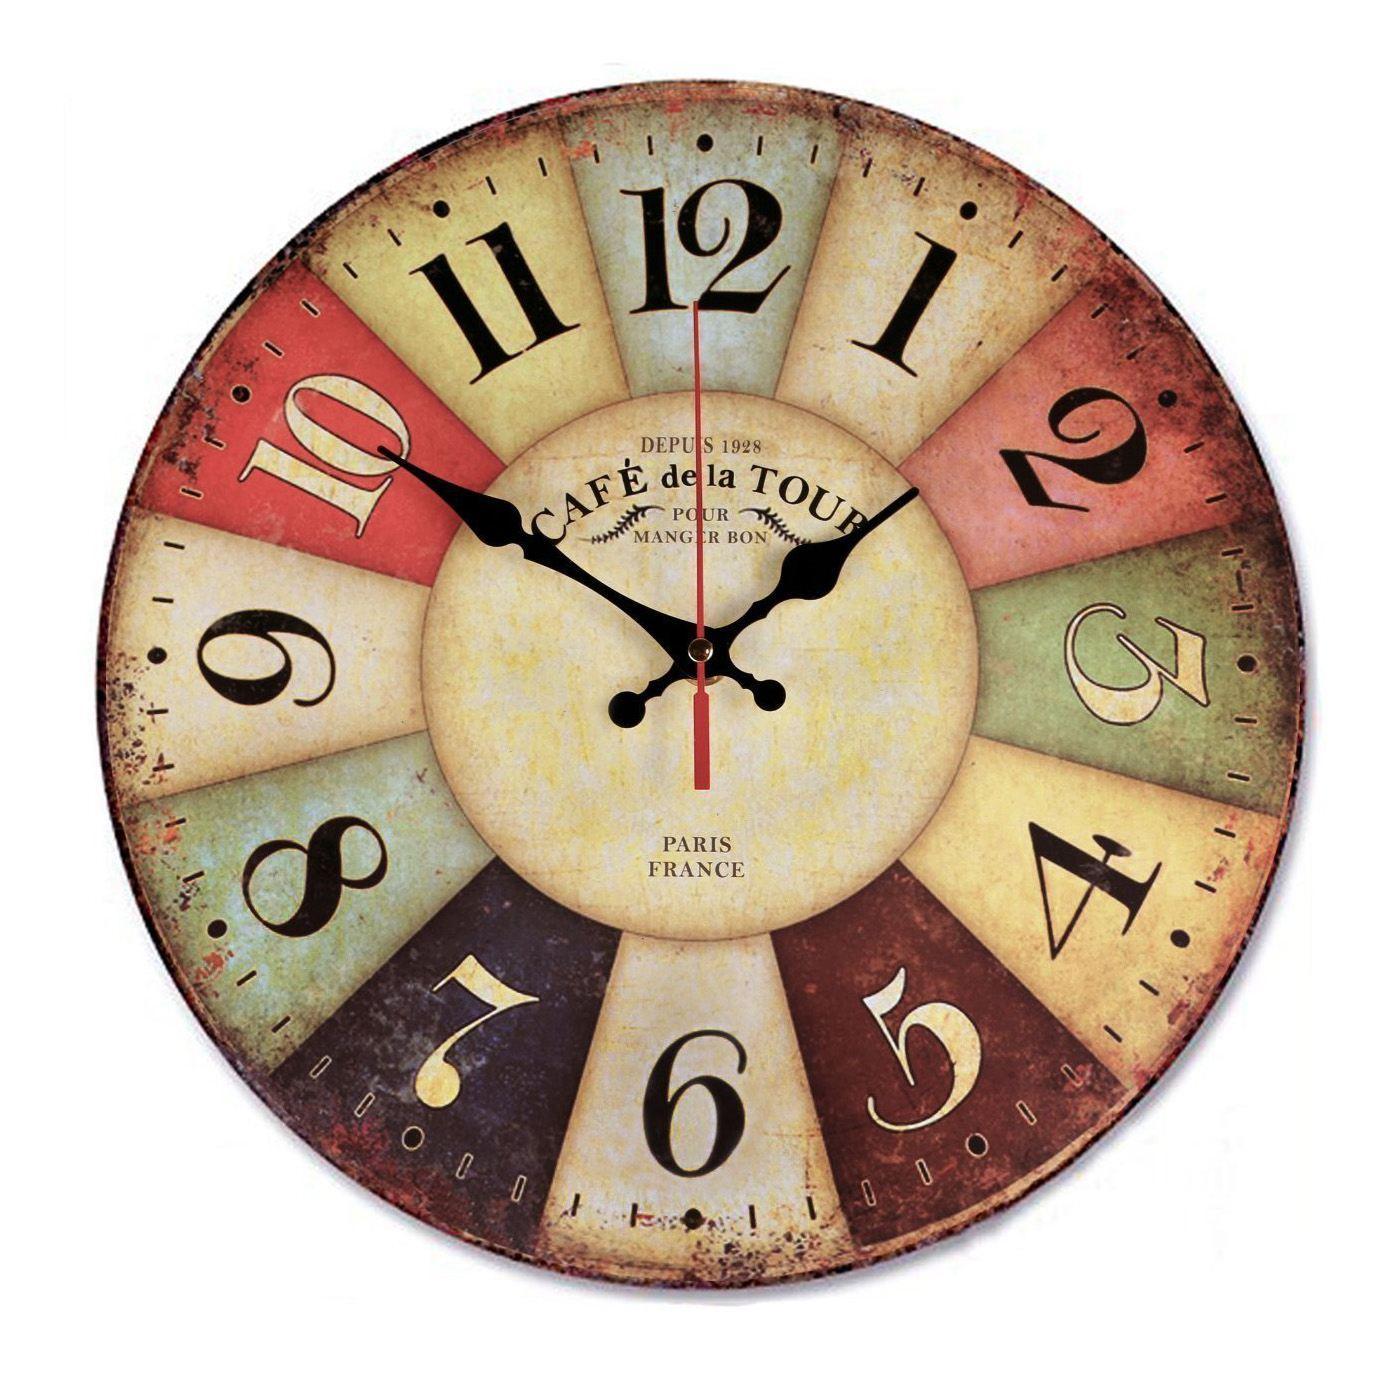 Décor de ferme d'horloge murale en bois rétro de 12 pouces, horloges murales grand décoratif silencieux - Big Wood Atomic Analog Batt